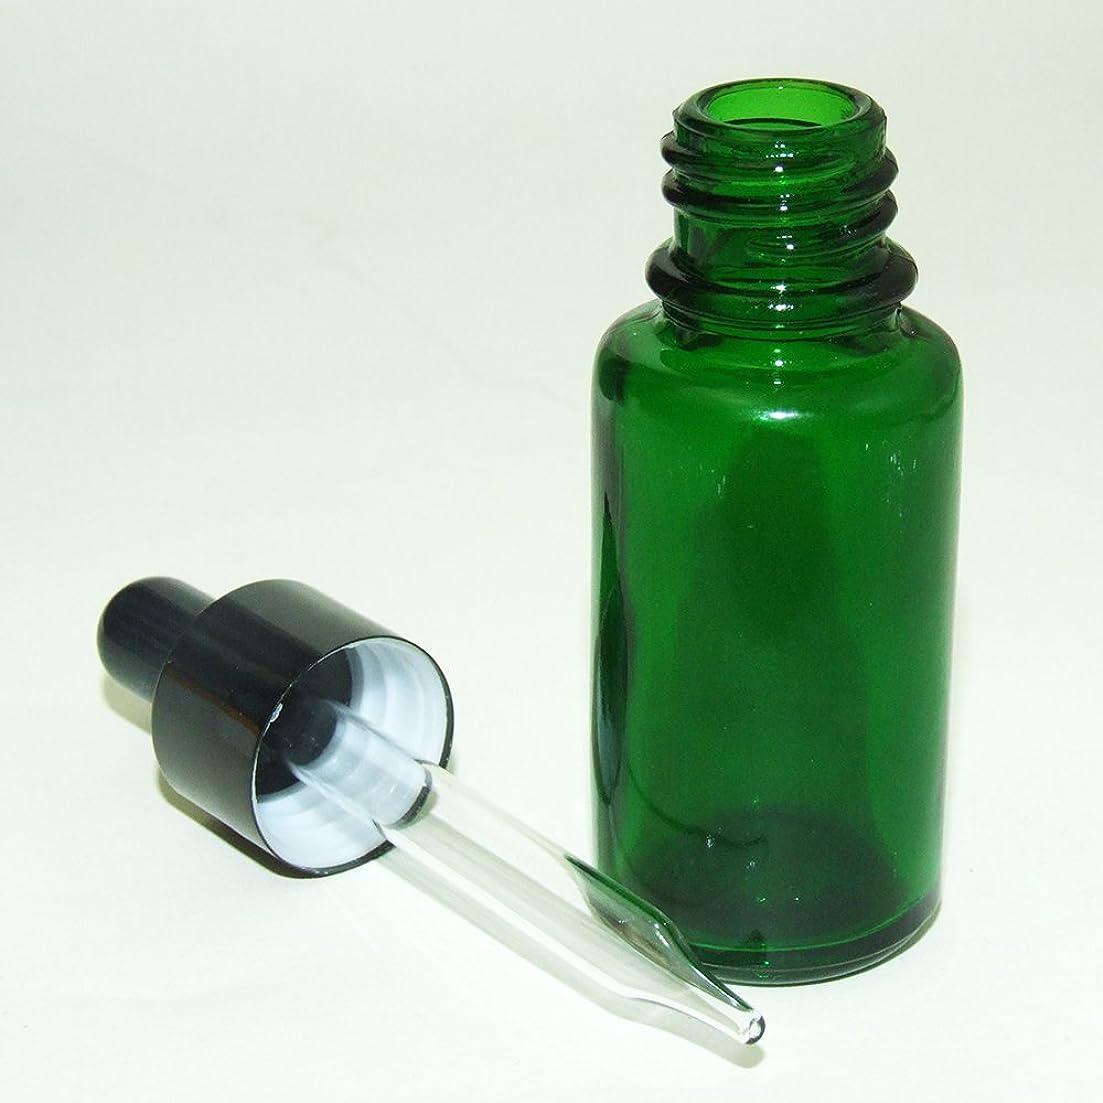 安心災難間に合わせガレージ?ゼロ 遮光ガラス スポイド瓶 先細タイプ 緑 15ml(GZKP32)×10個 アロマ保存 GSE678